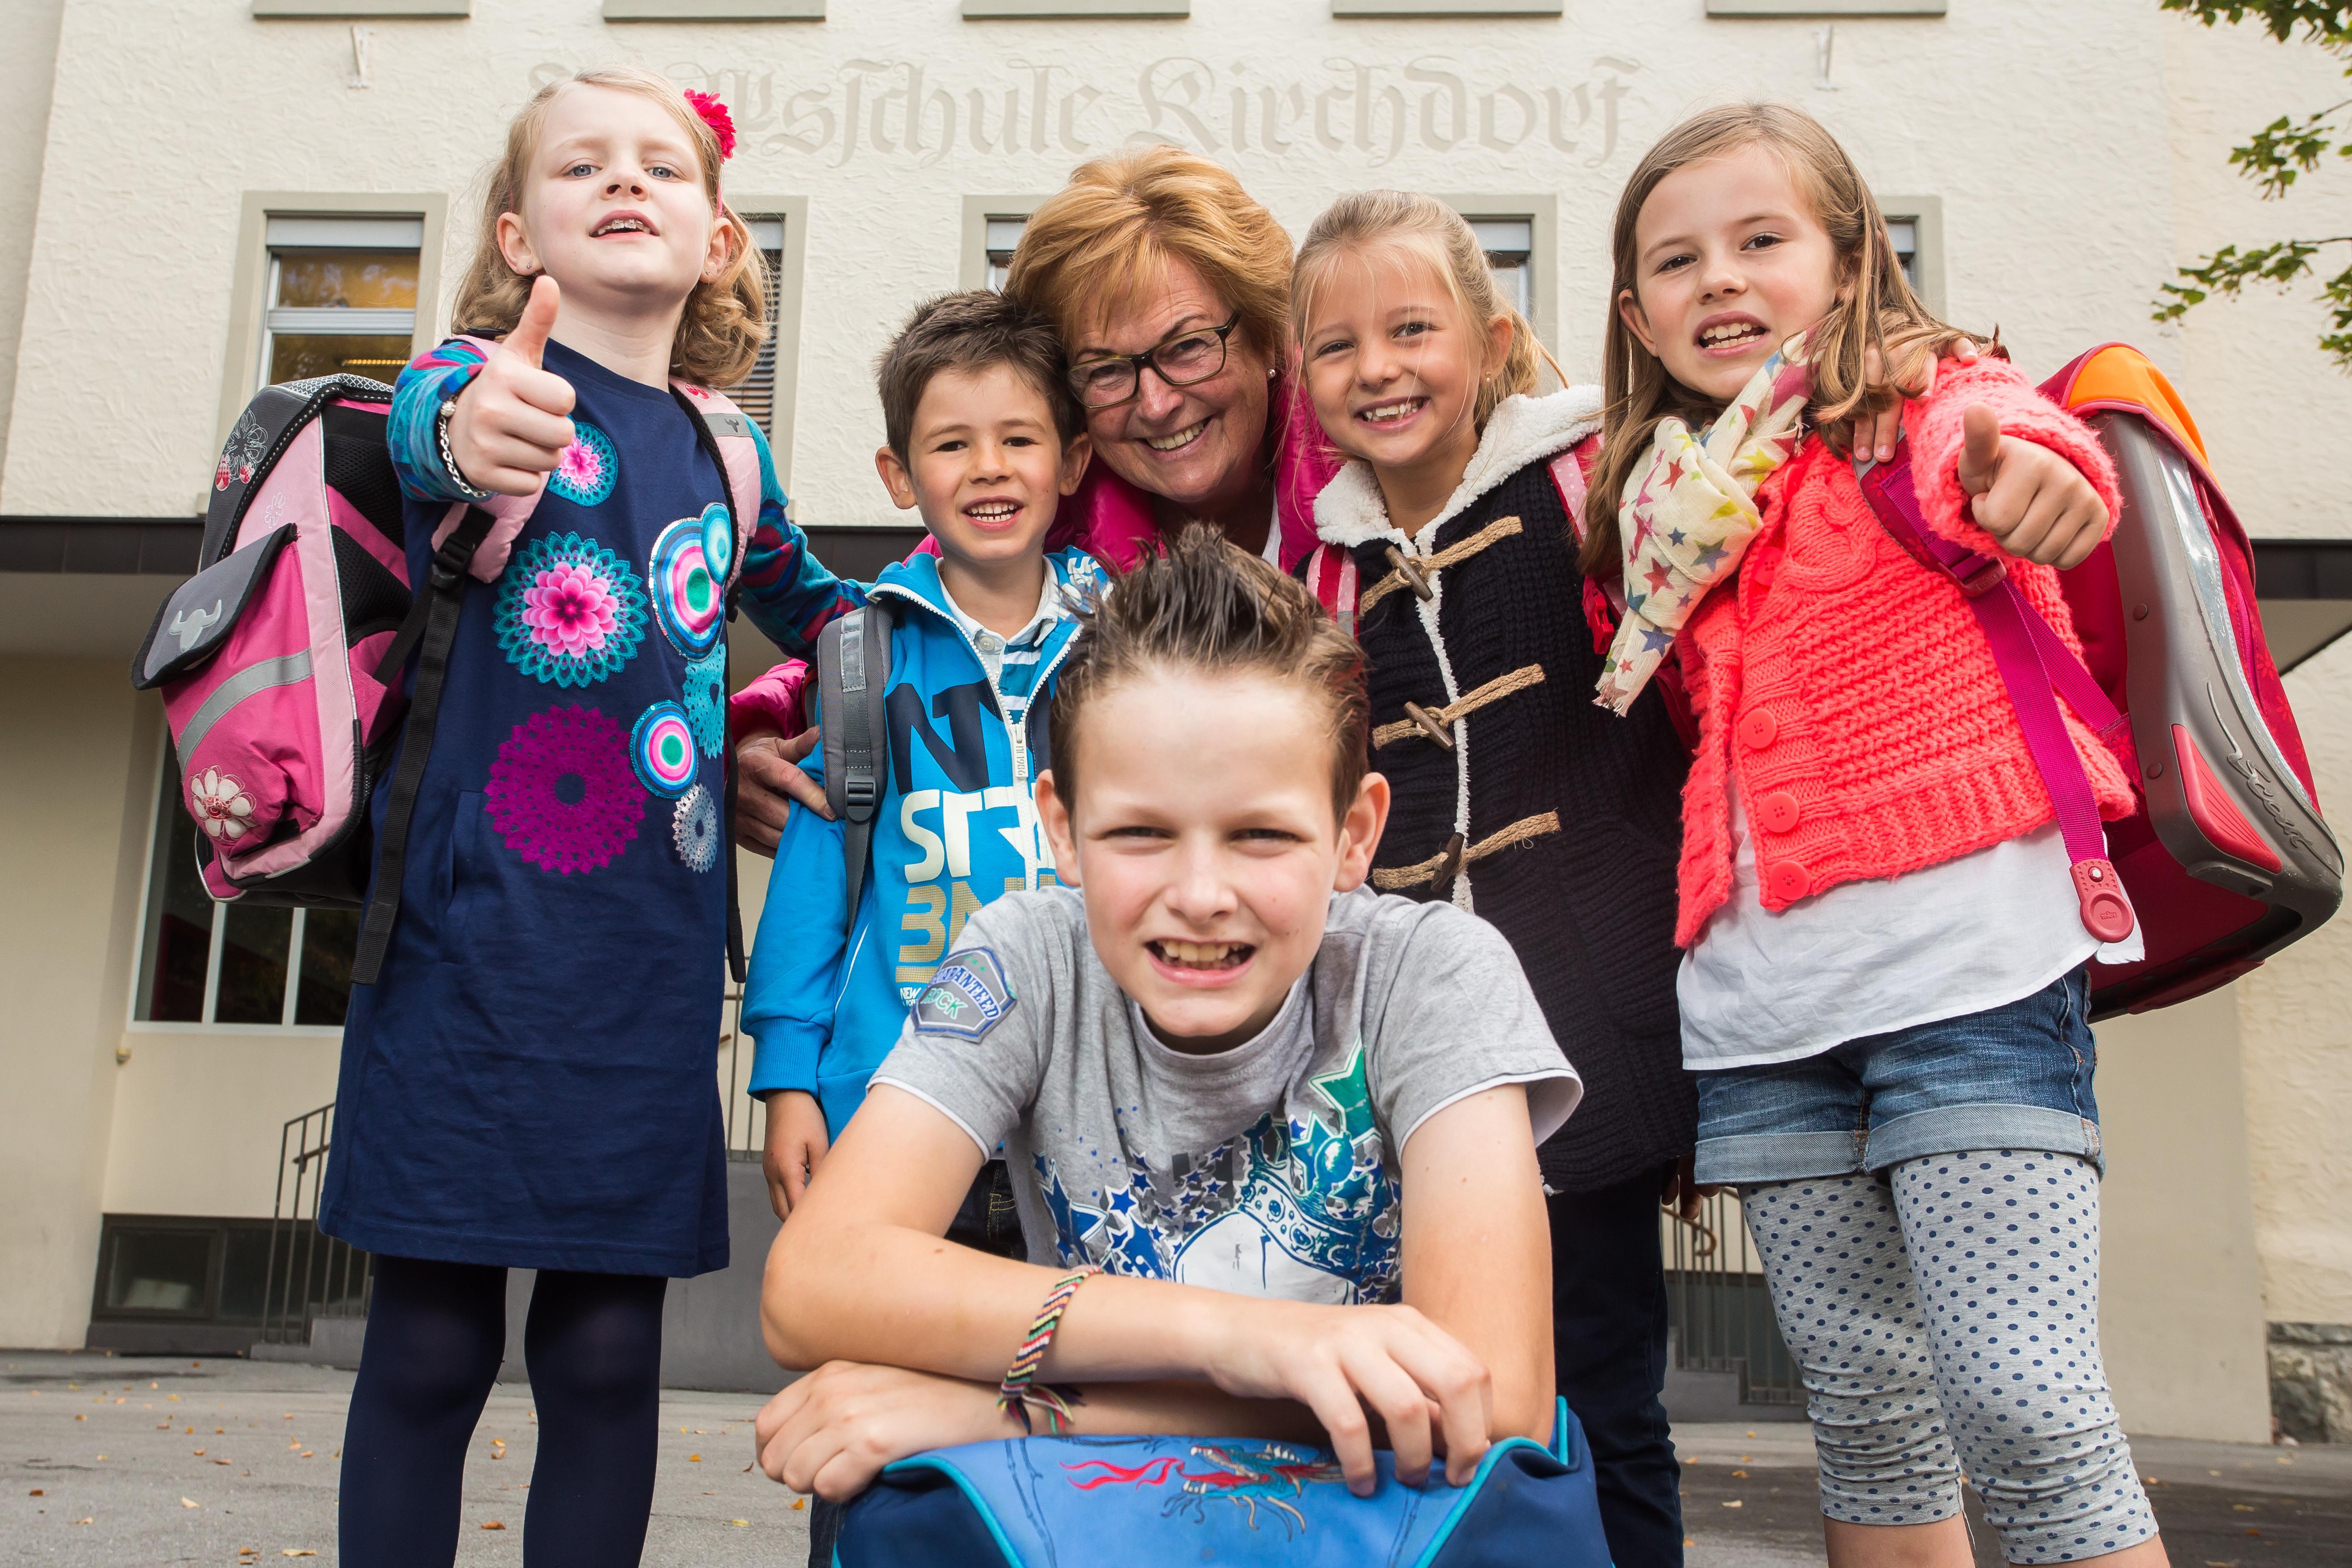 Fotos für Sammelaktion zum Schulstart Ma hilft. Unsere Patin Marlies Müller ist da und vier Schüler.